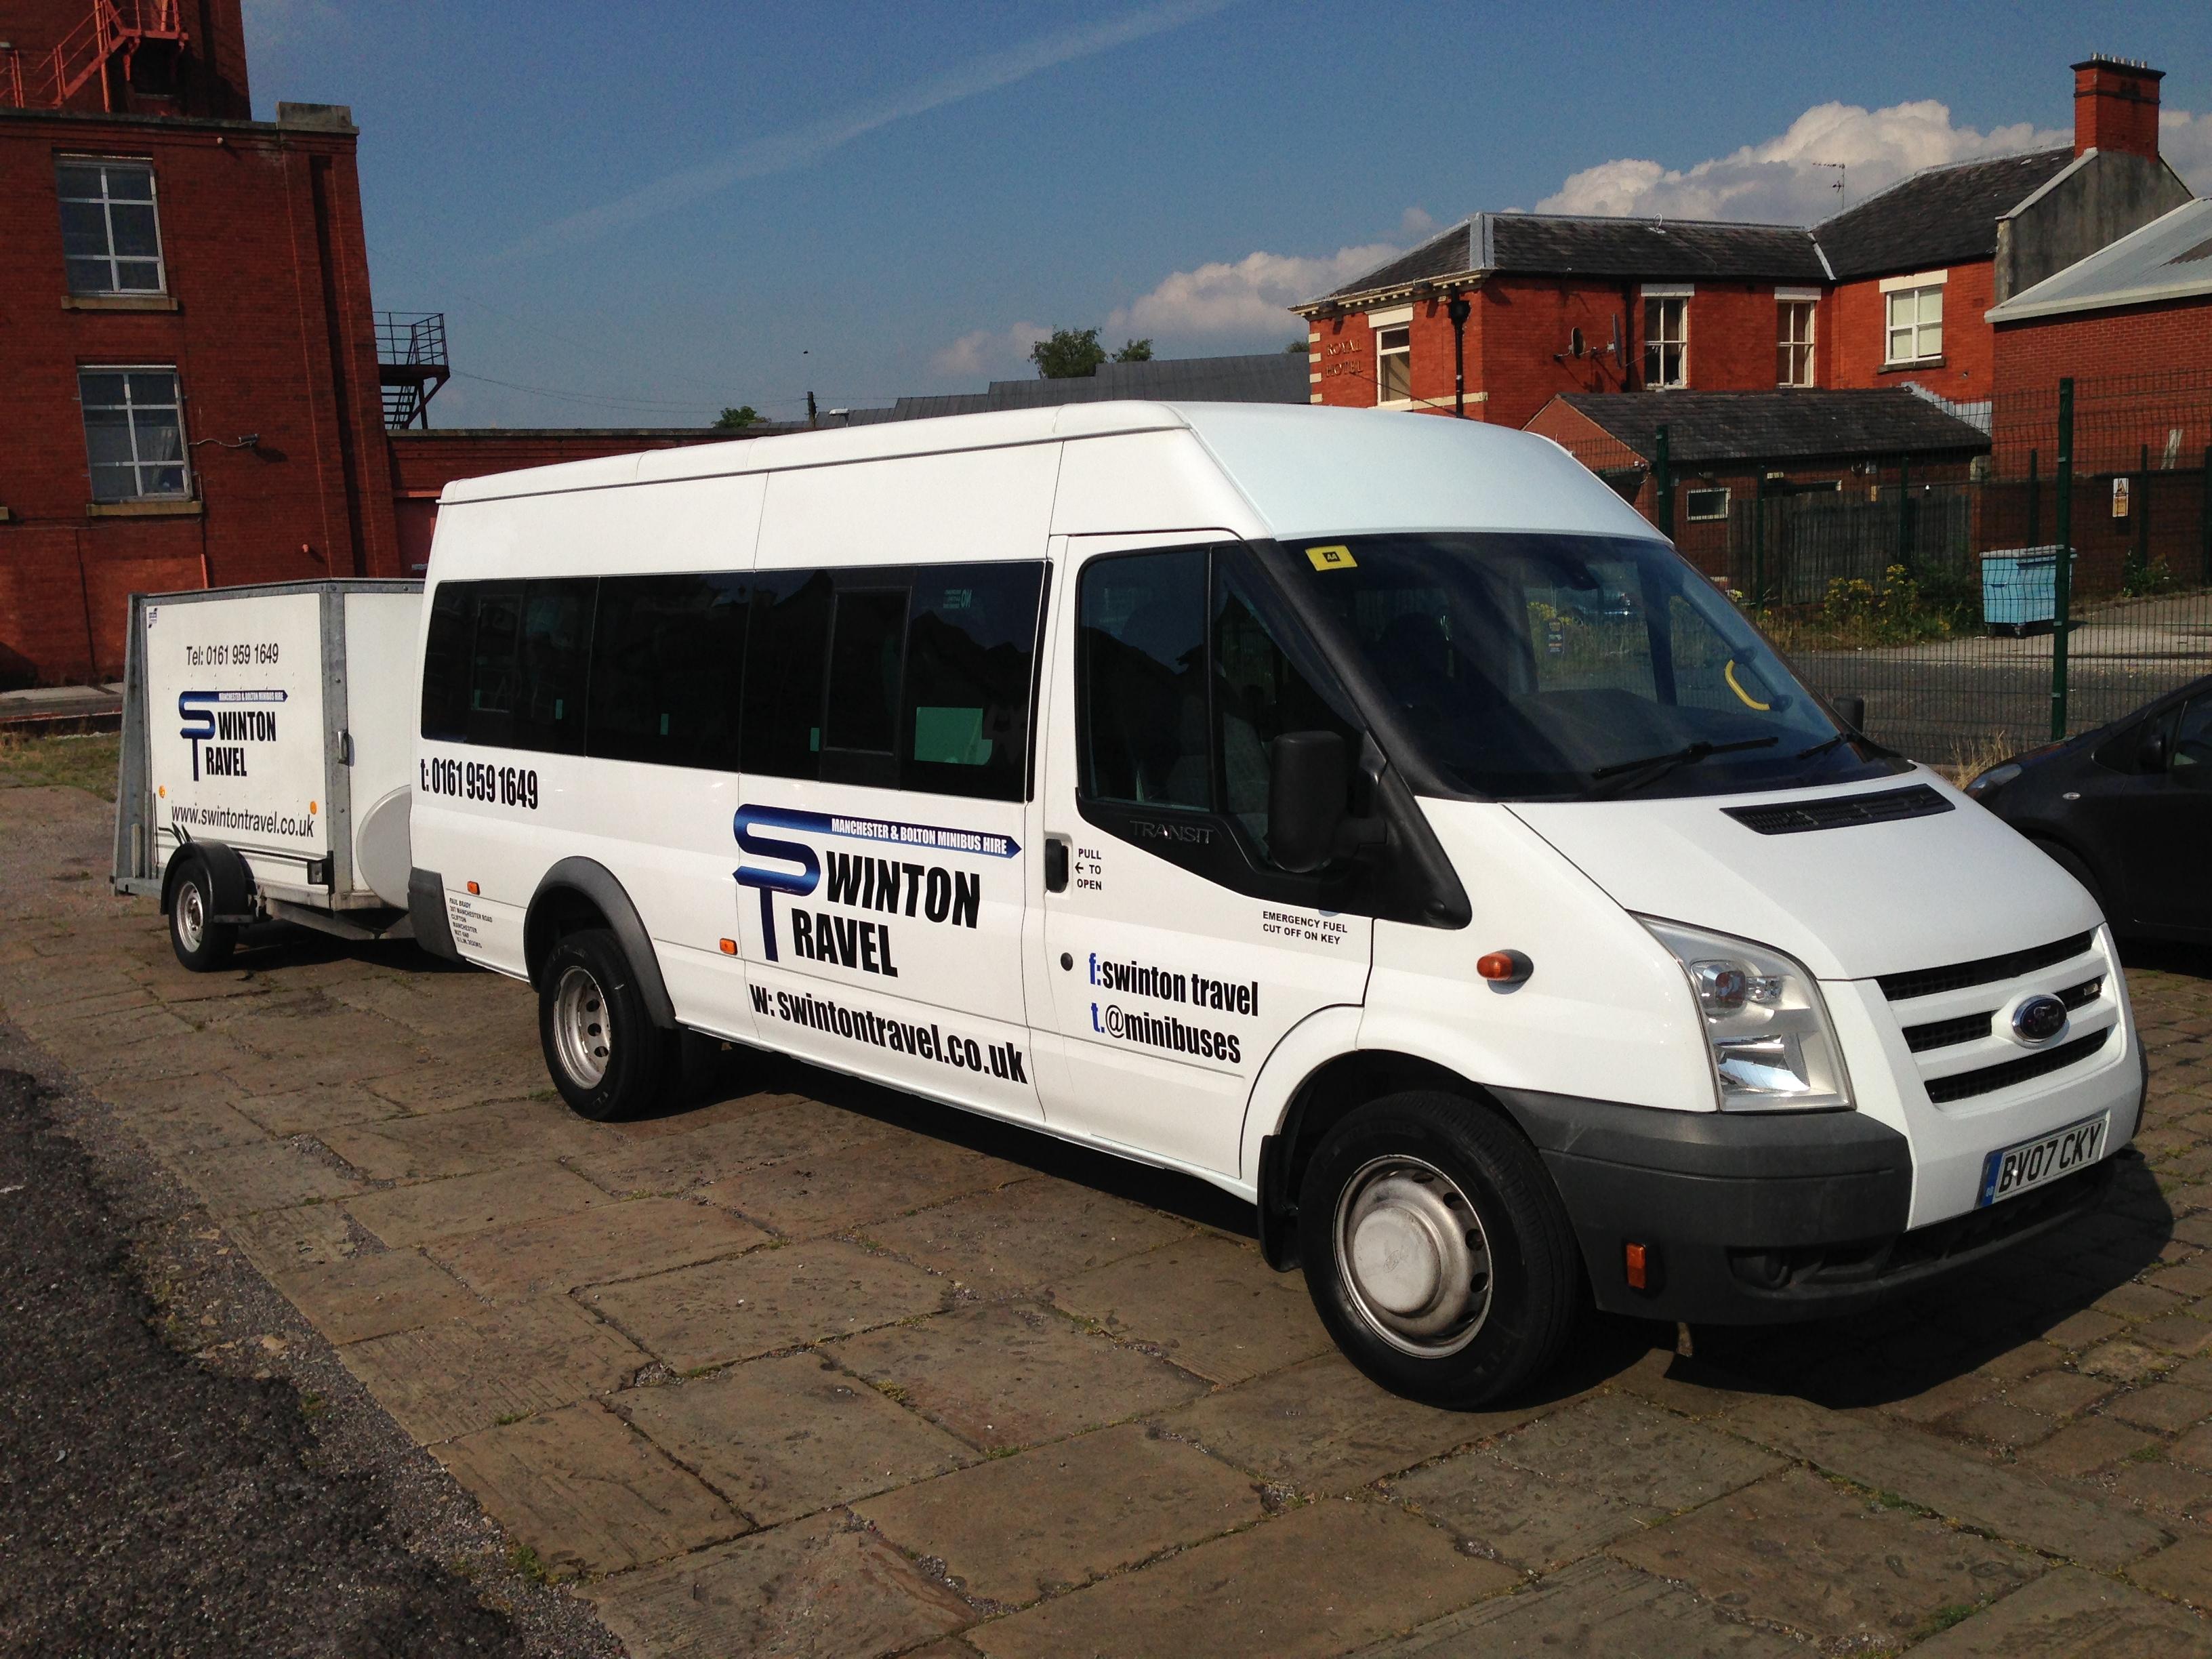 Minibus And Trailer - Minibus Hire Manchester